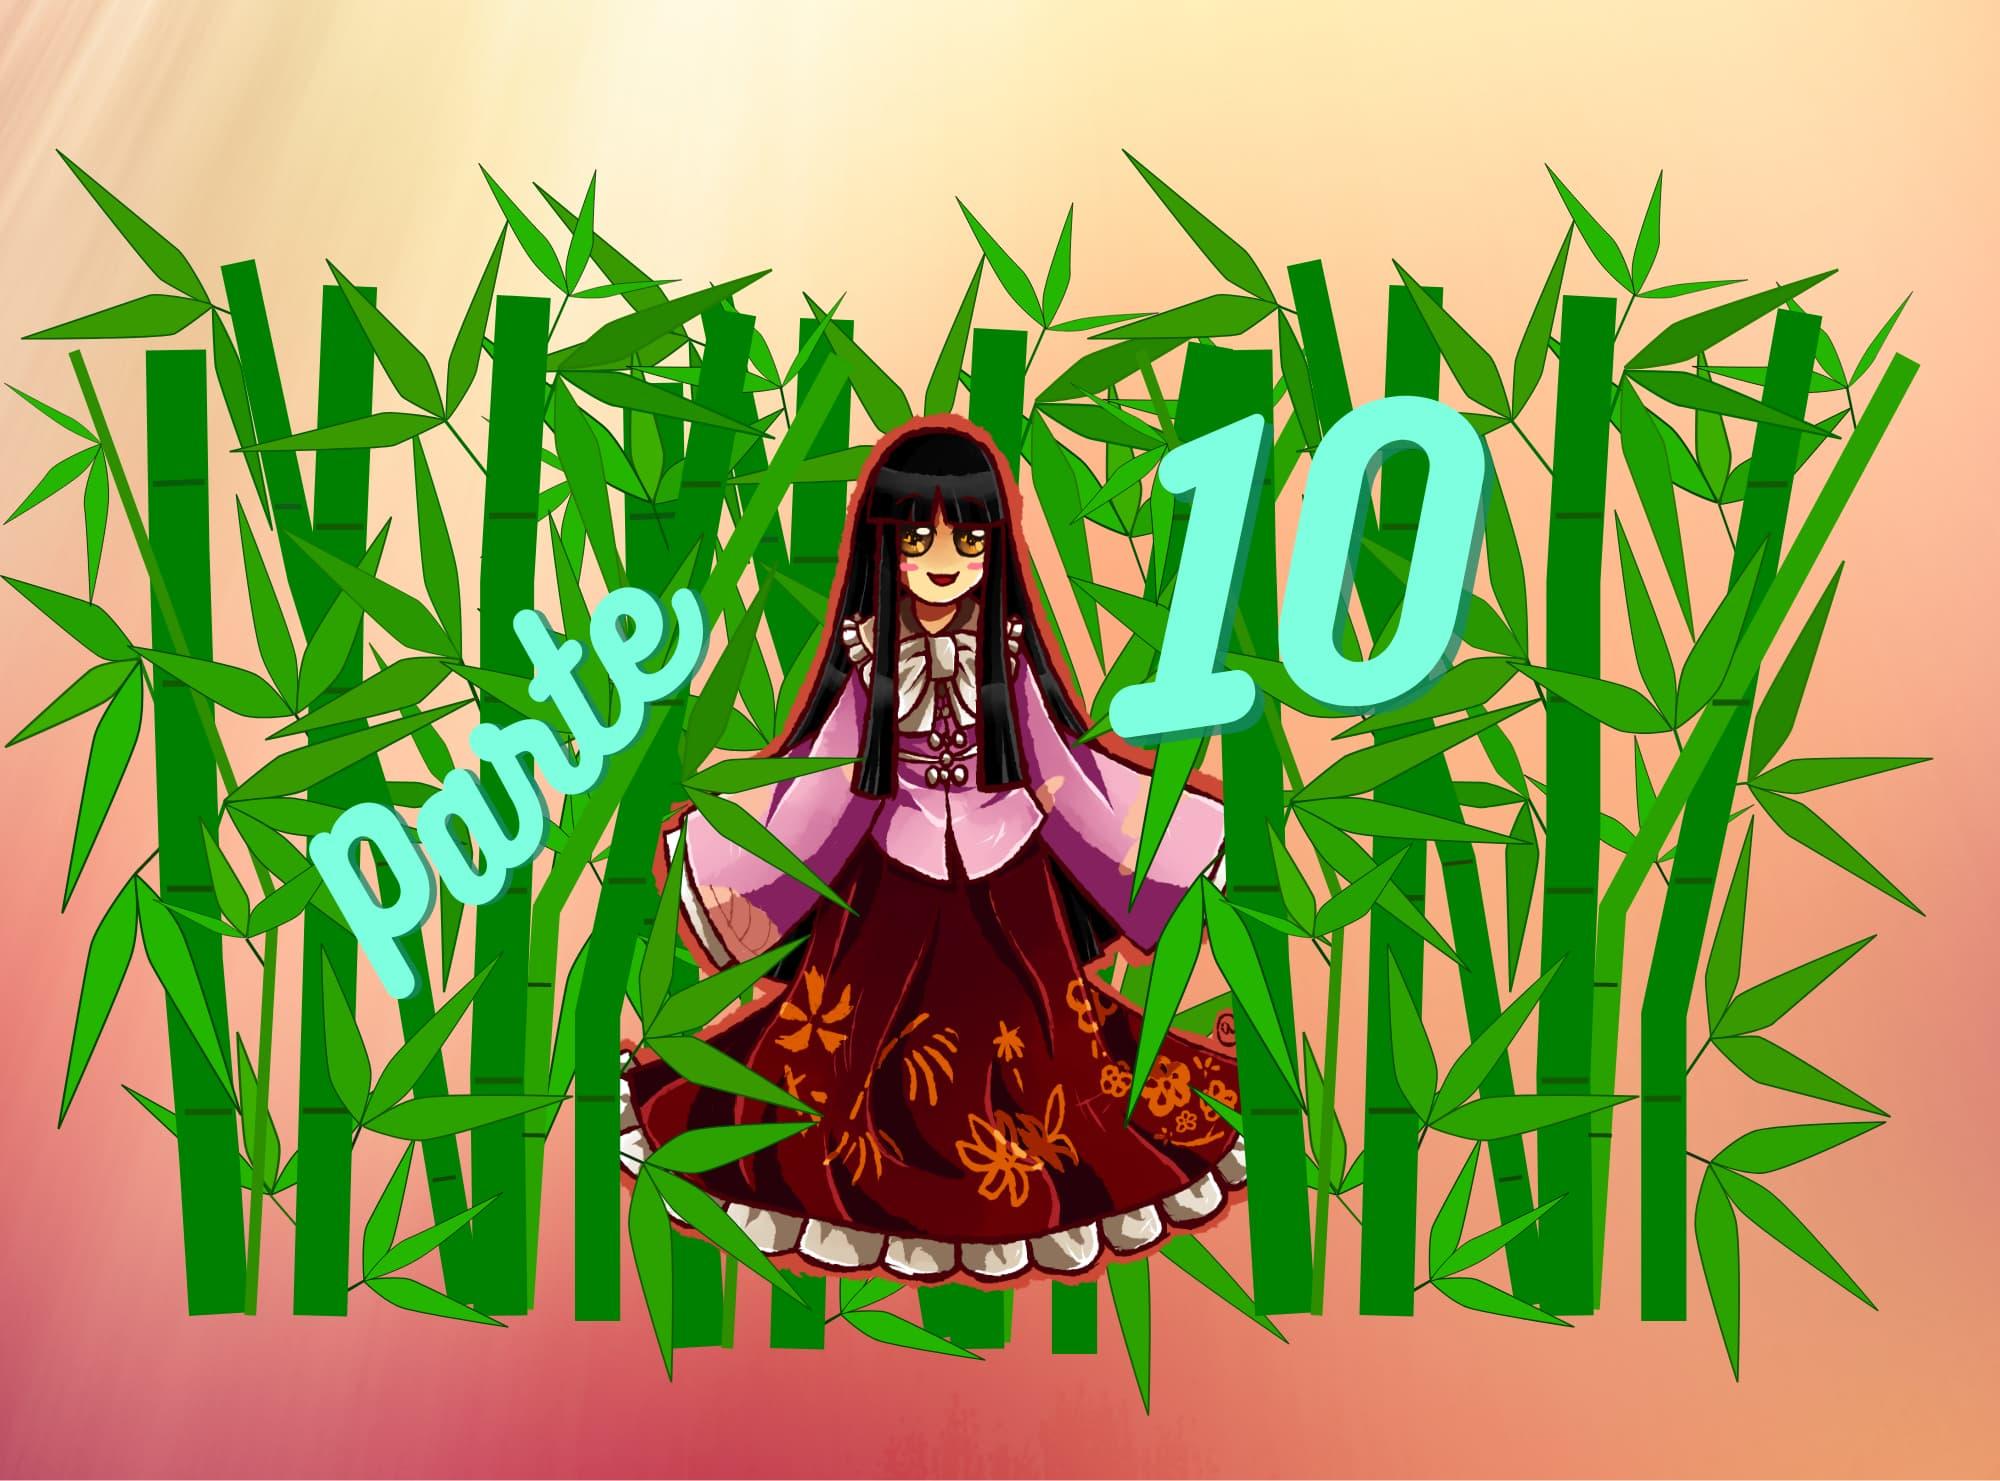 Práctica de lectura N5 de Hiragana: Princesa Kaguya parte 10 (Los mariscos nacidos del huevo de la golondrina)